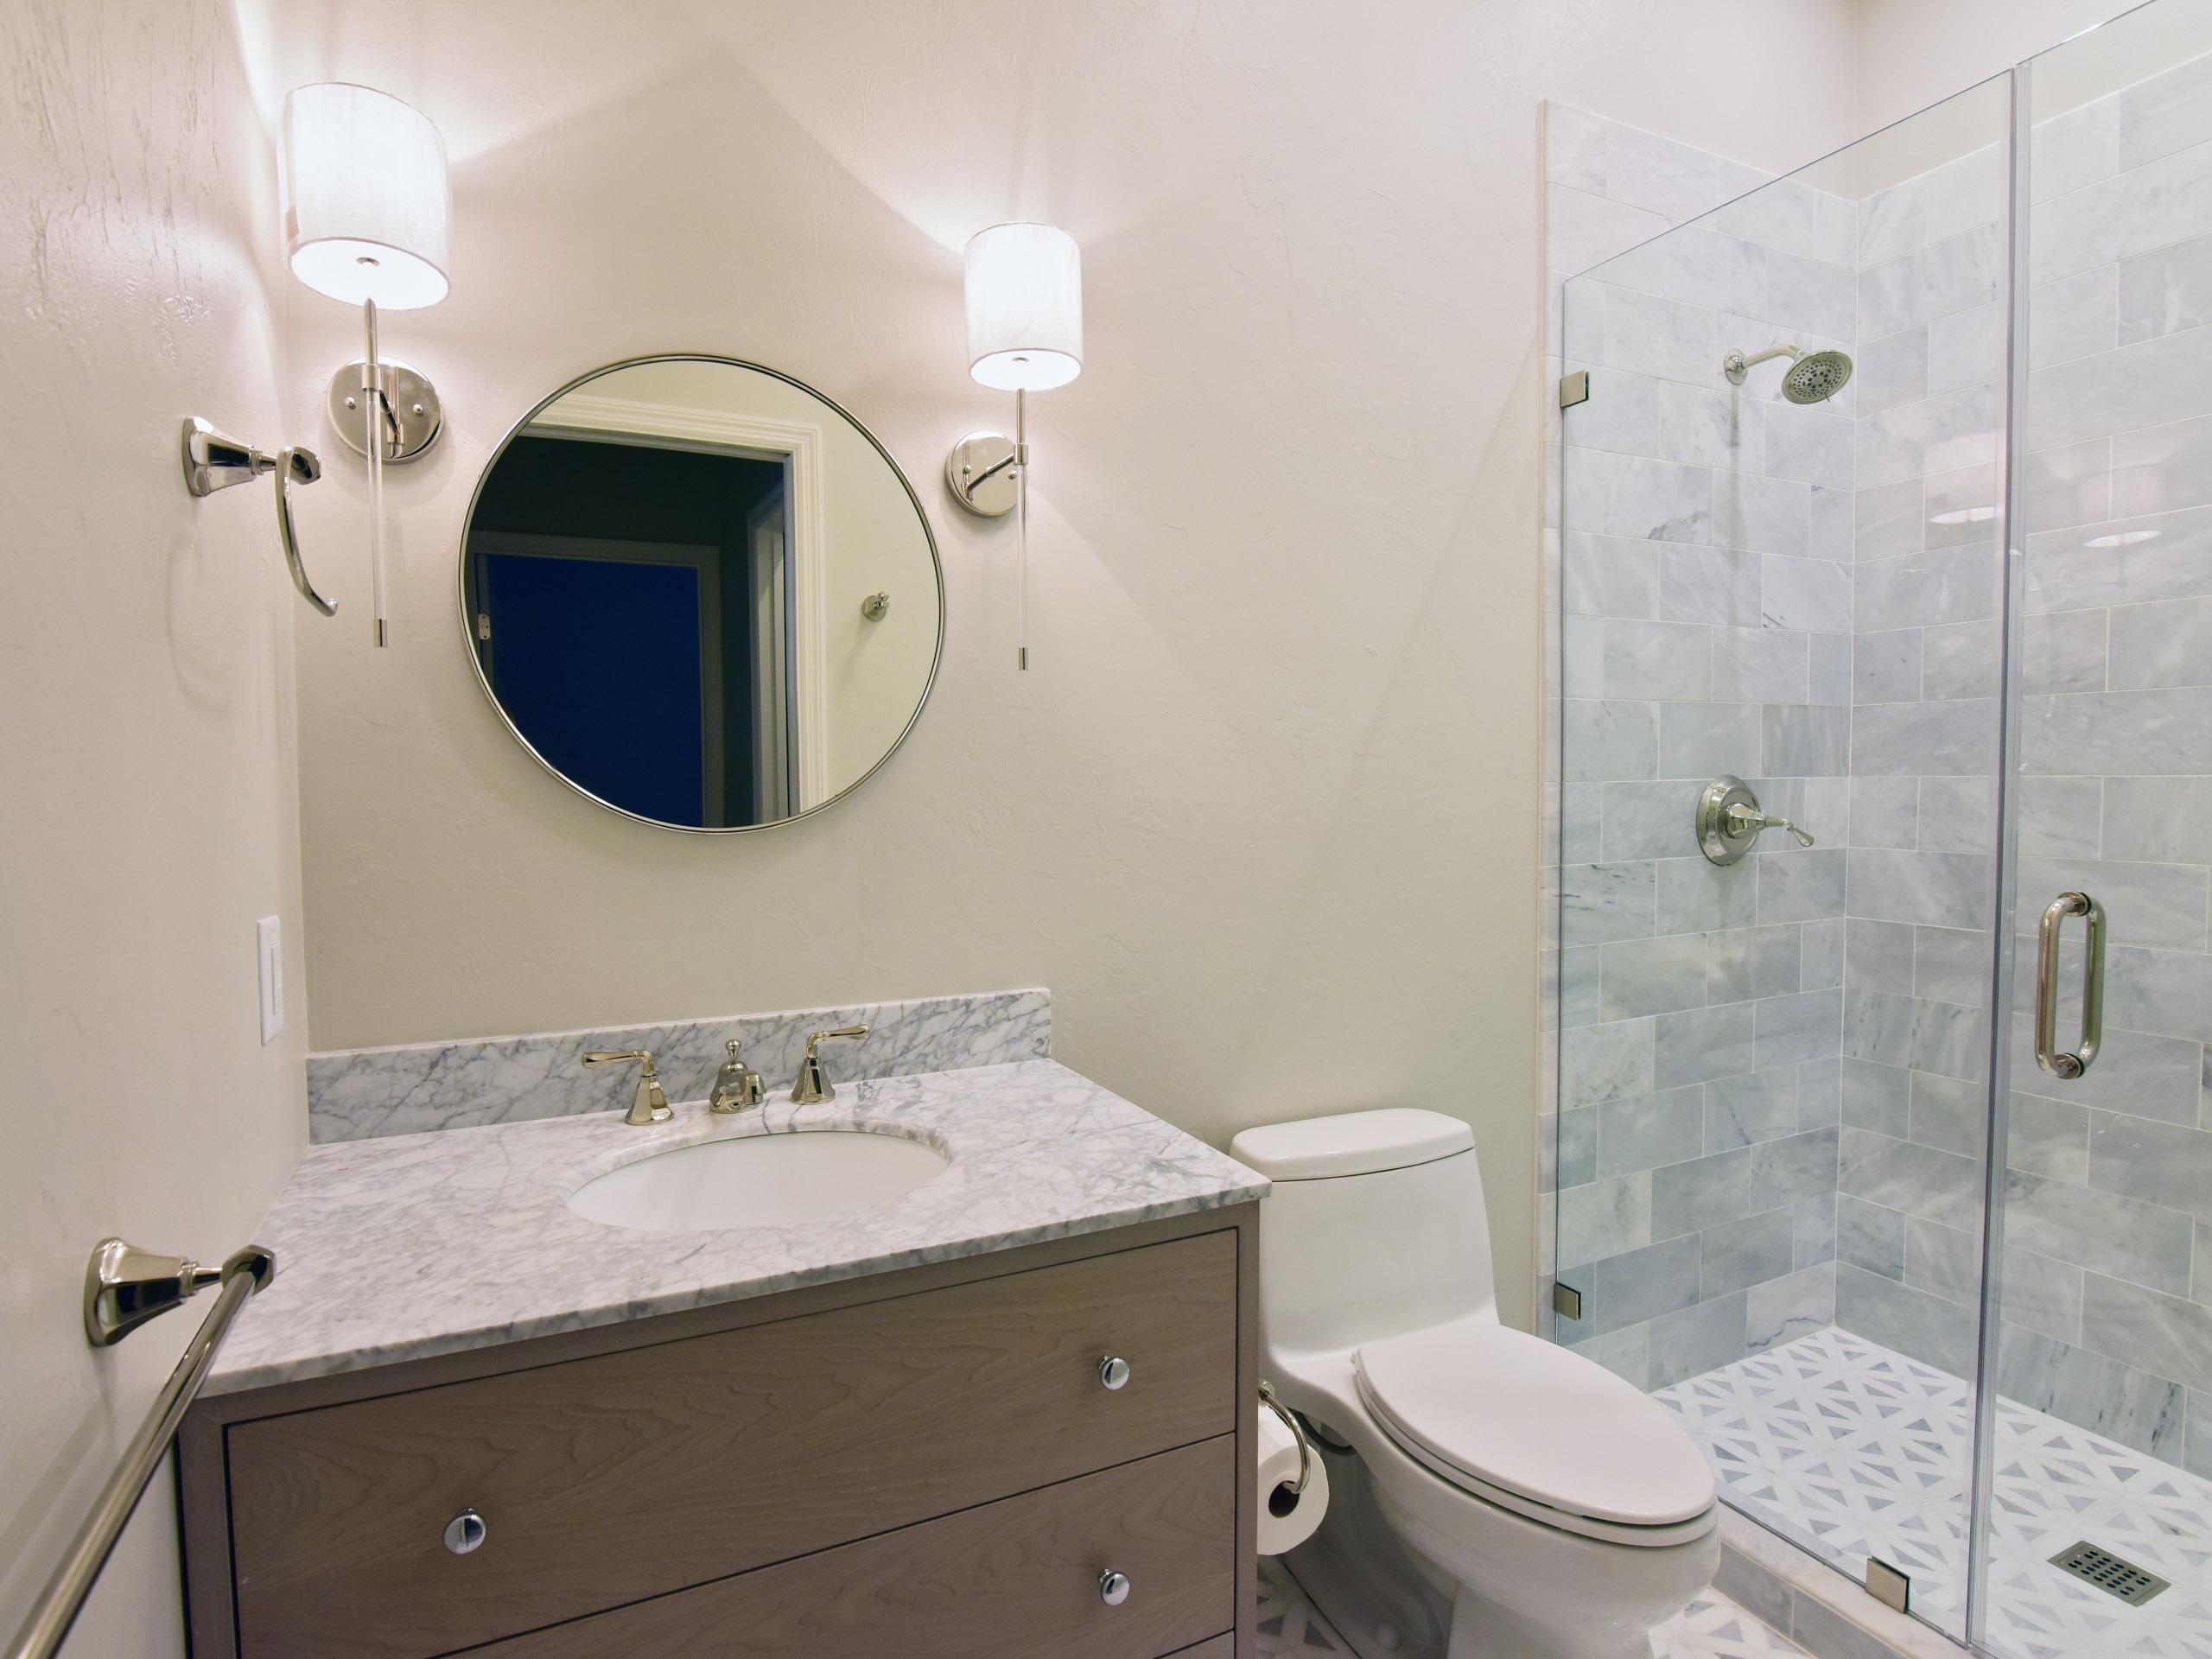 Bathroom Remodeling Contractors in Gainesville, FL   Shore ...